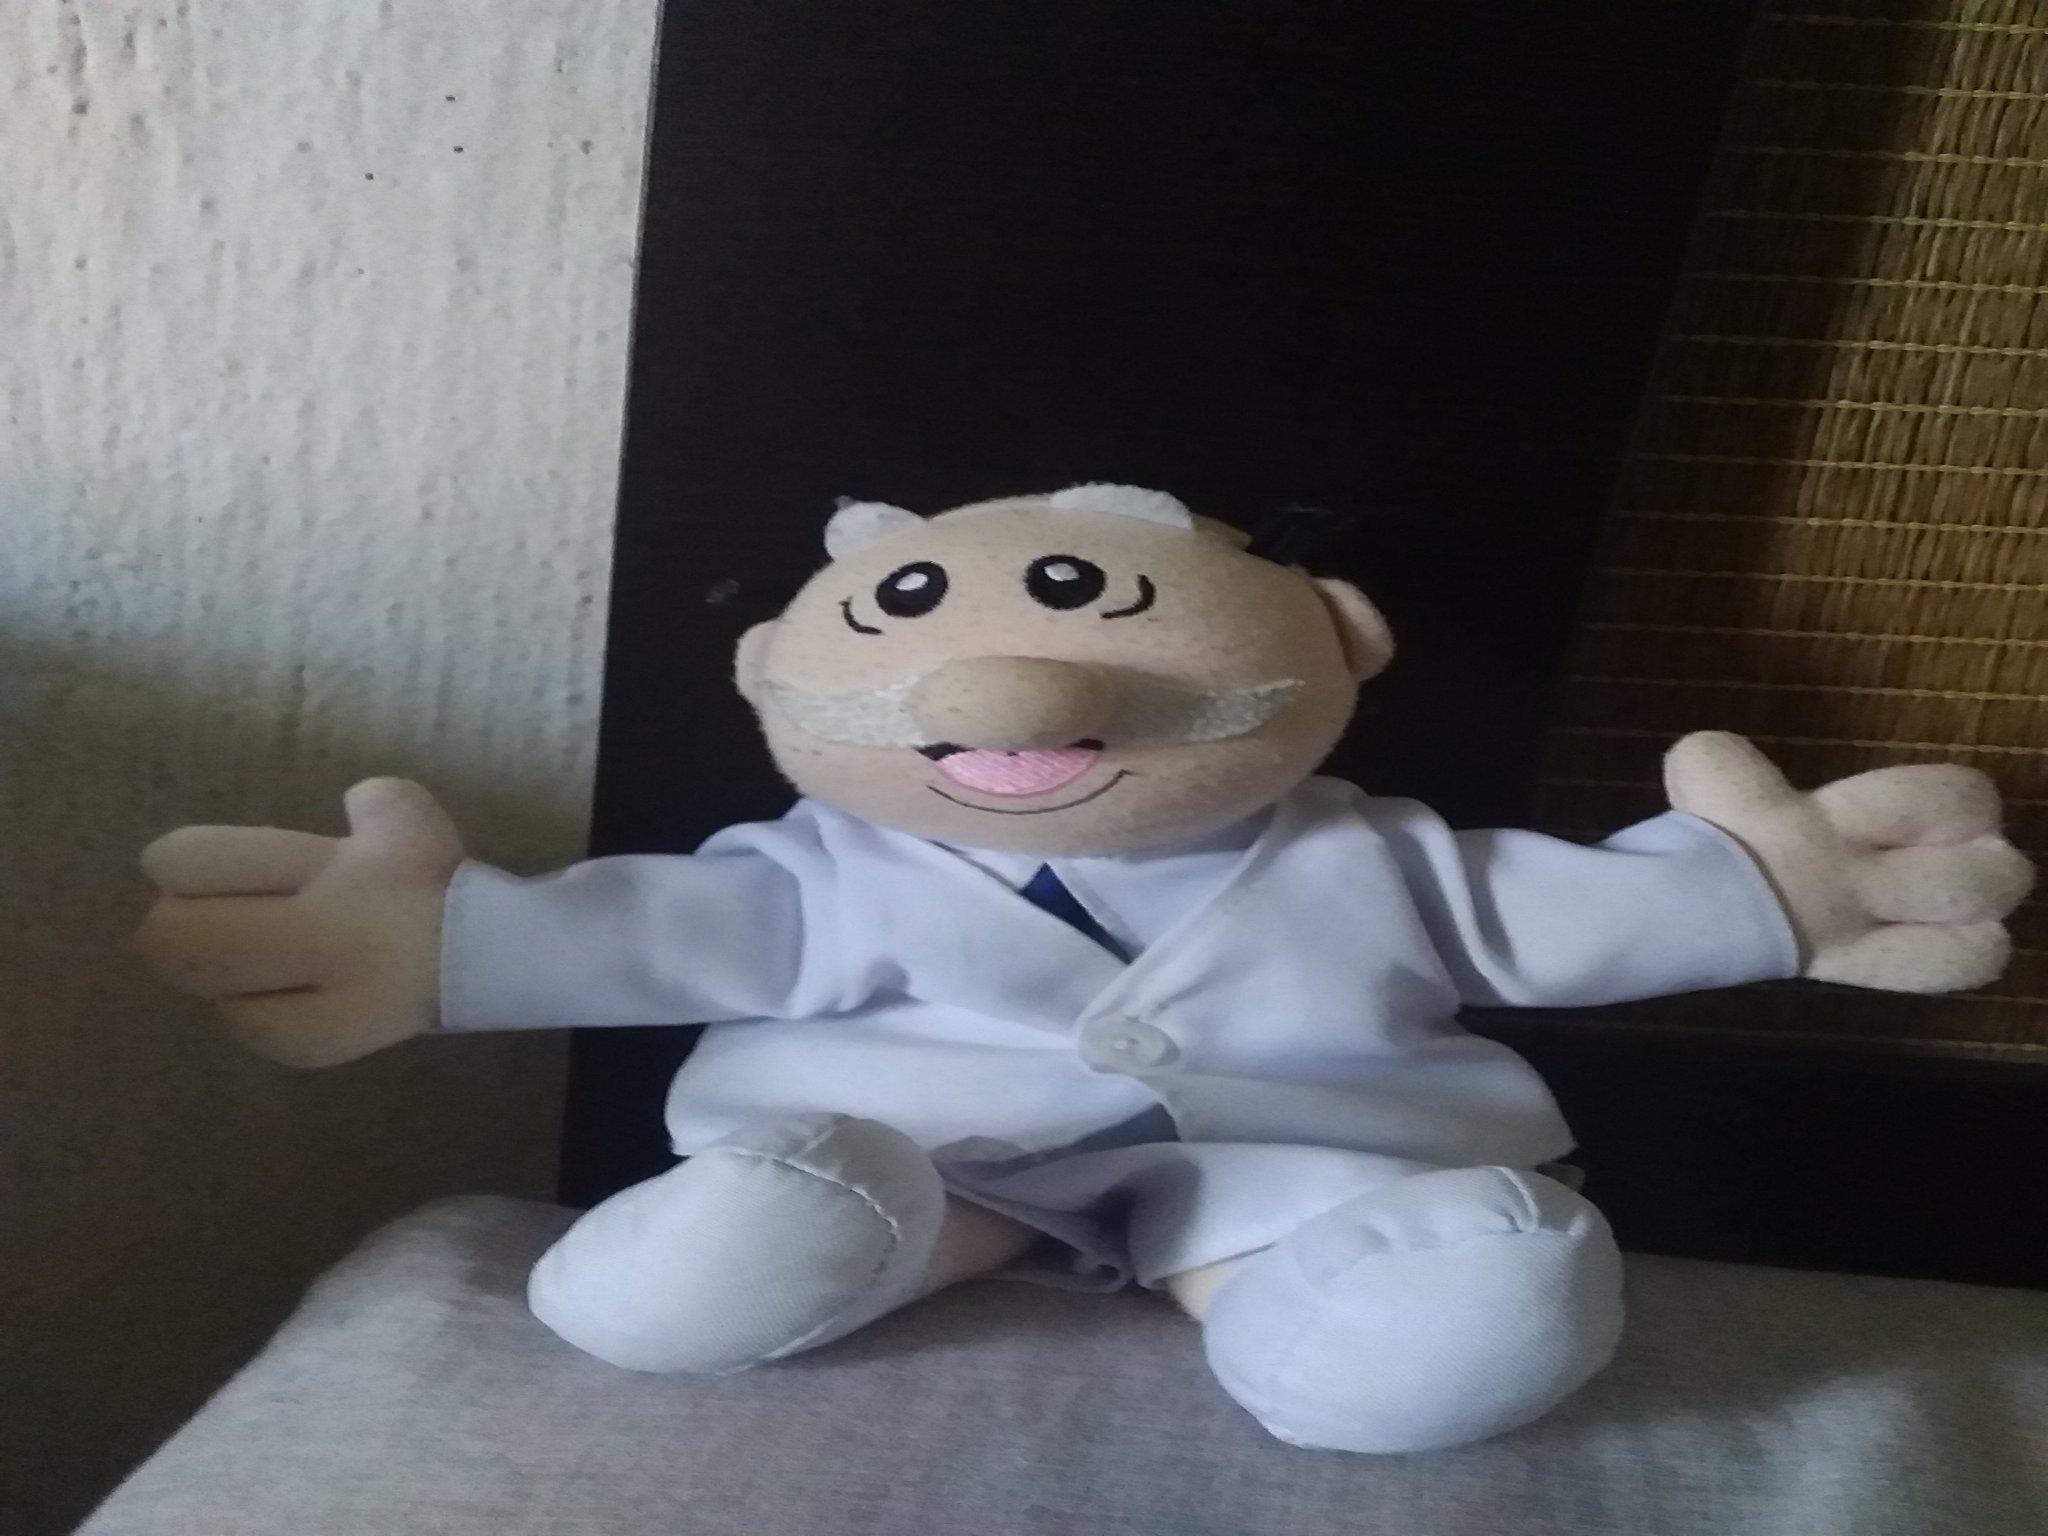 Dr simi reveal - meme